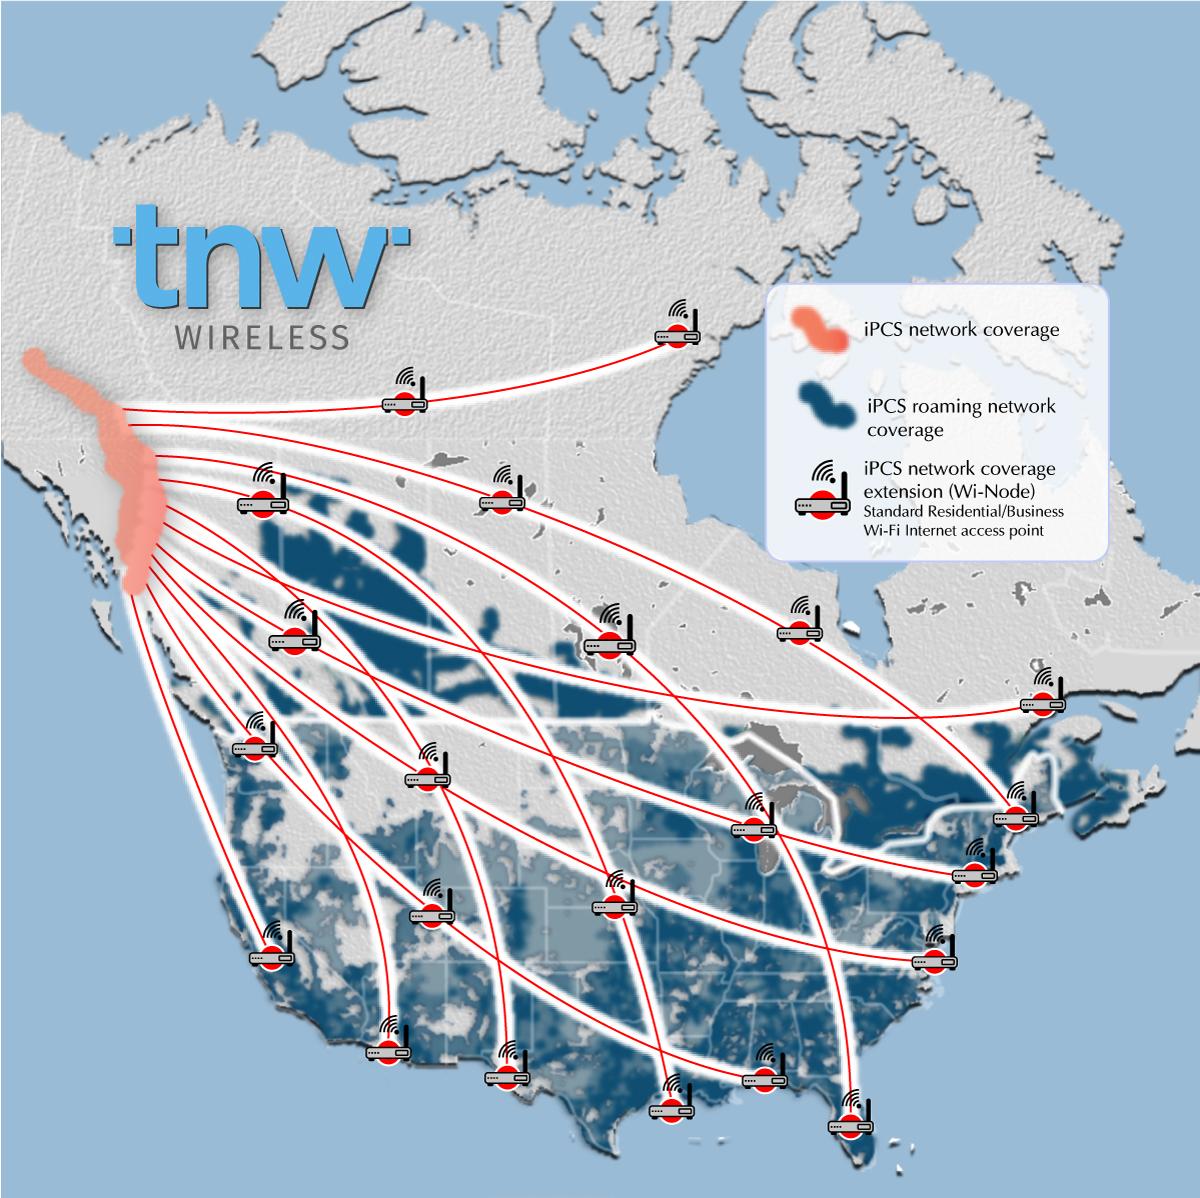 tnw-wireless-north-american-coverage-area